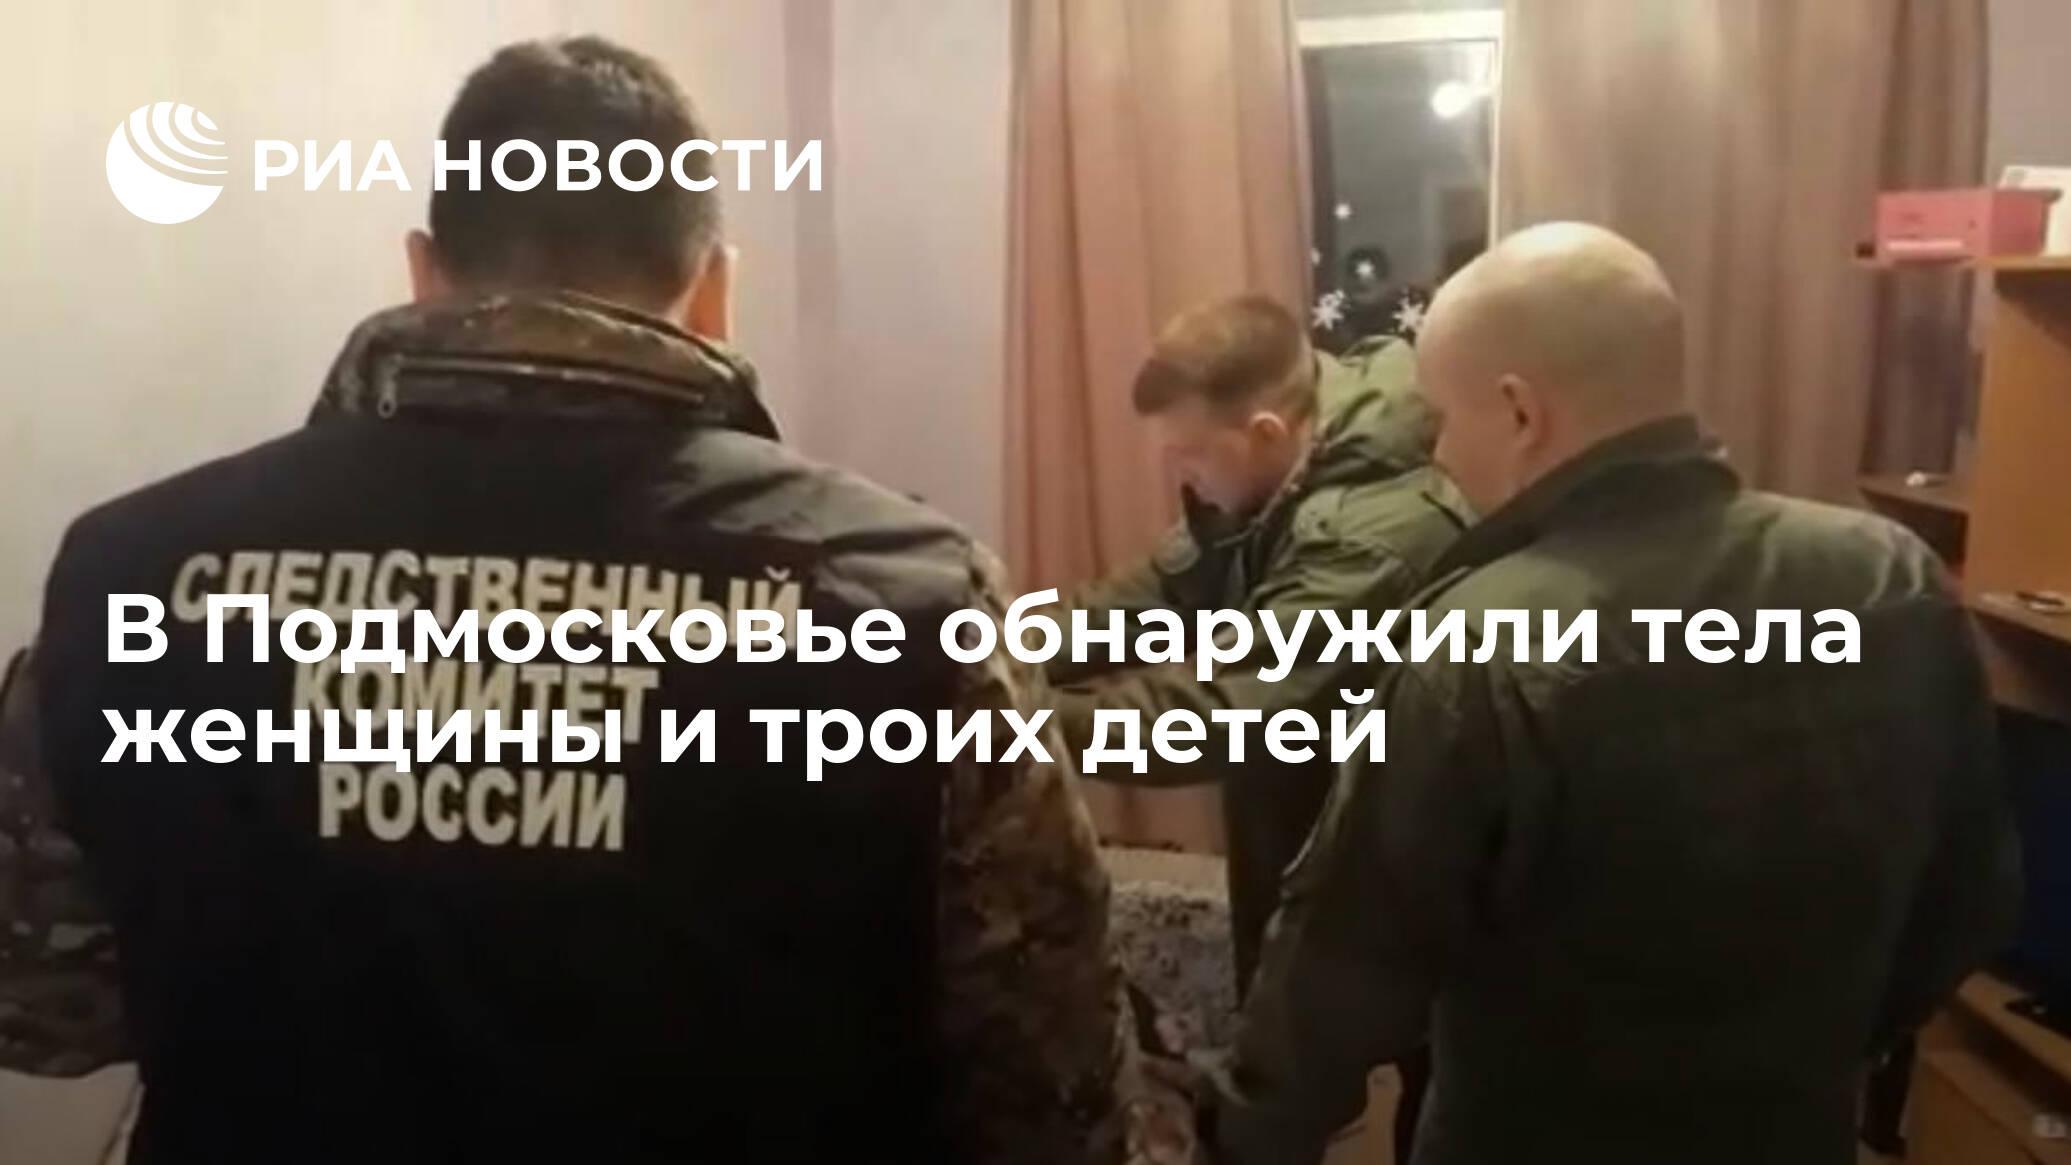 Работа в московской области для девушки работа веб моделью законно ли это